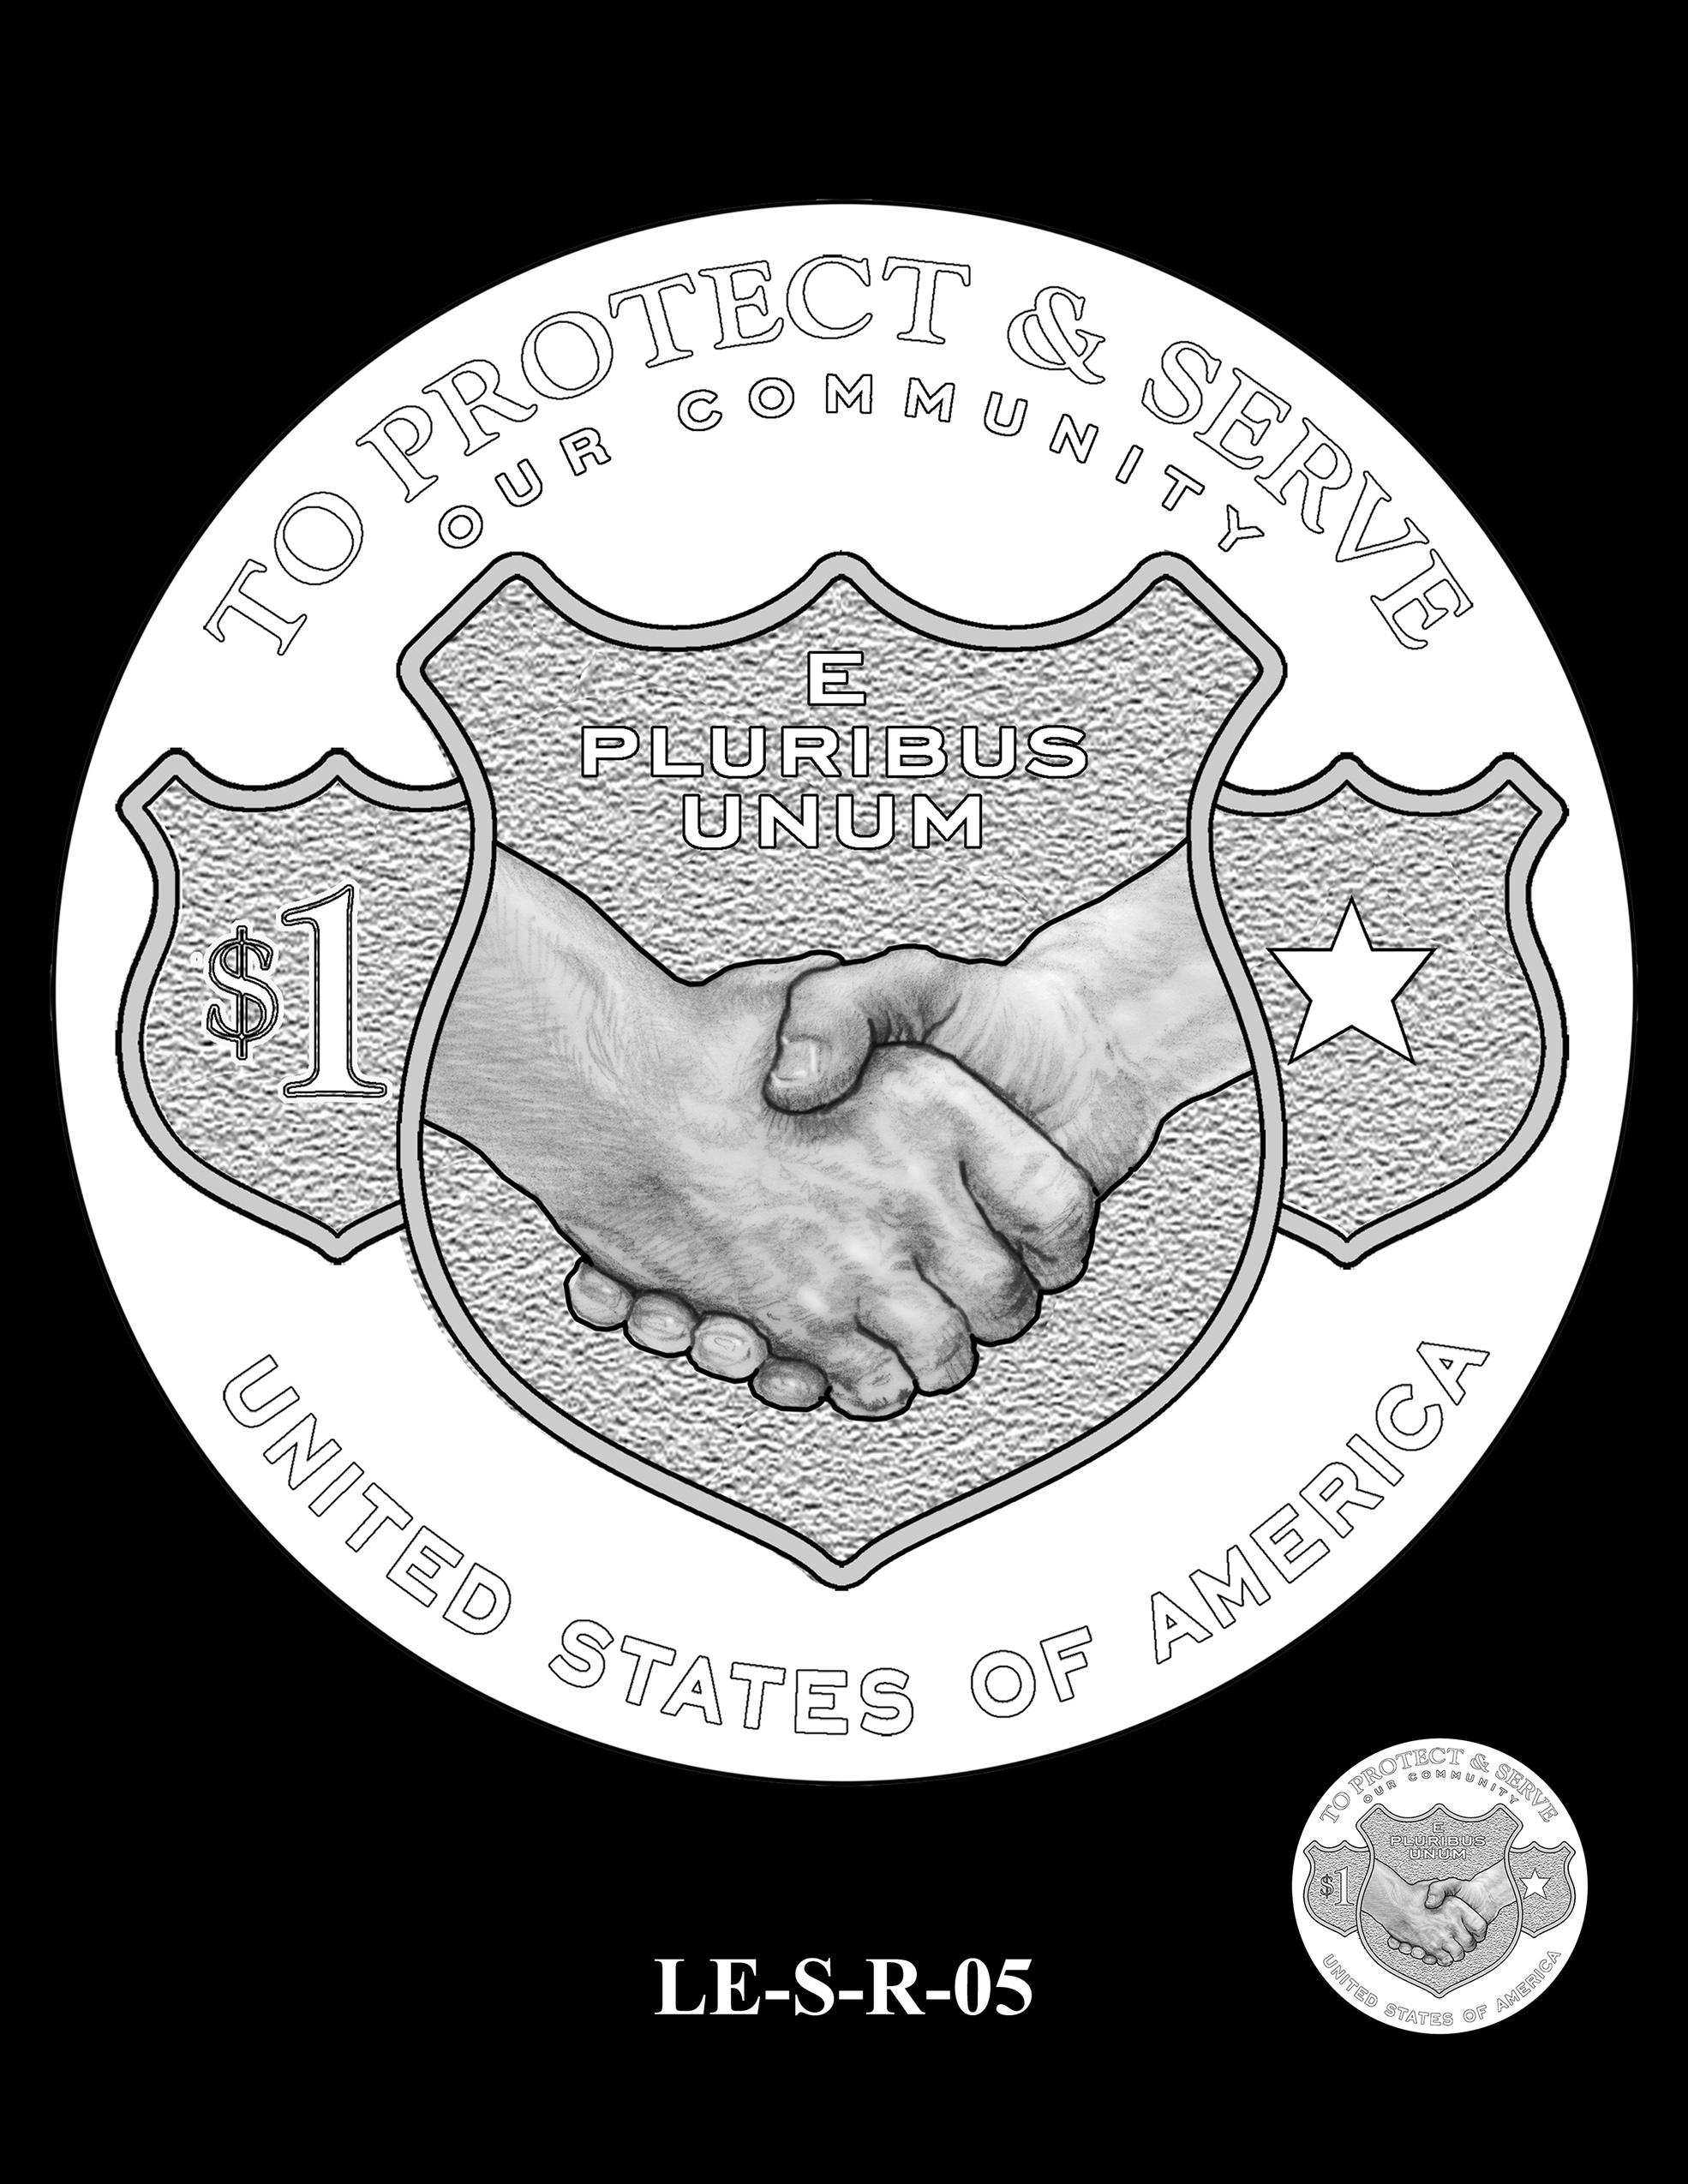 LE-S-R-05 -- National Law Enforcement Museum Commemorative Coin Program